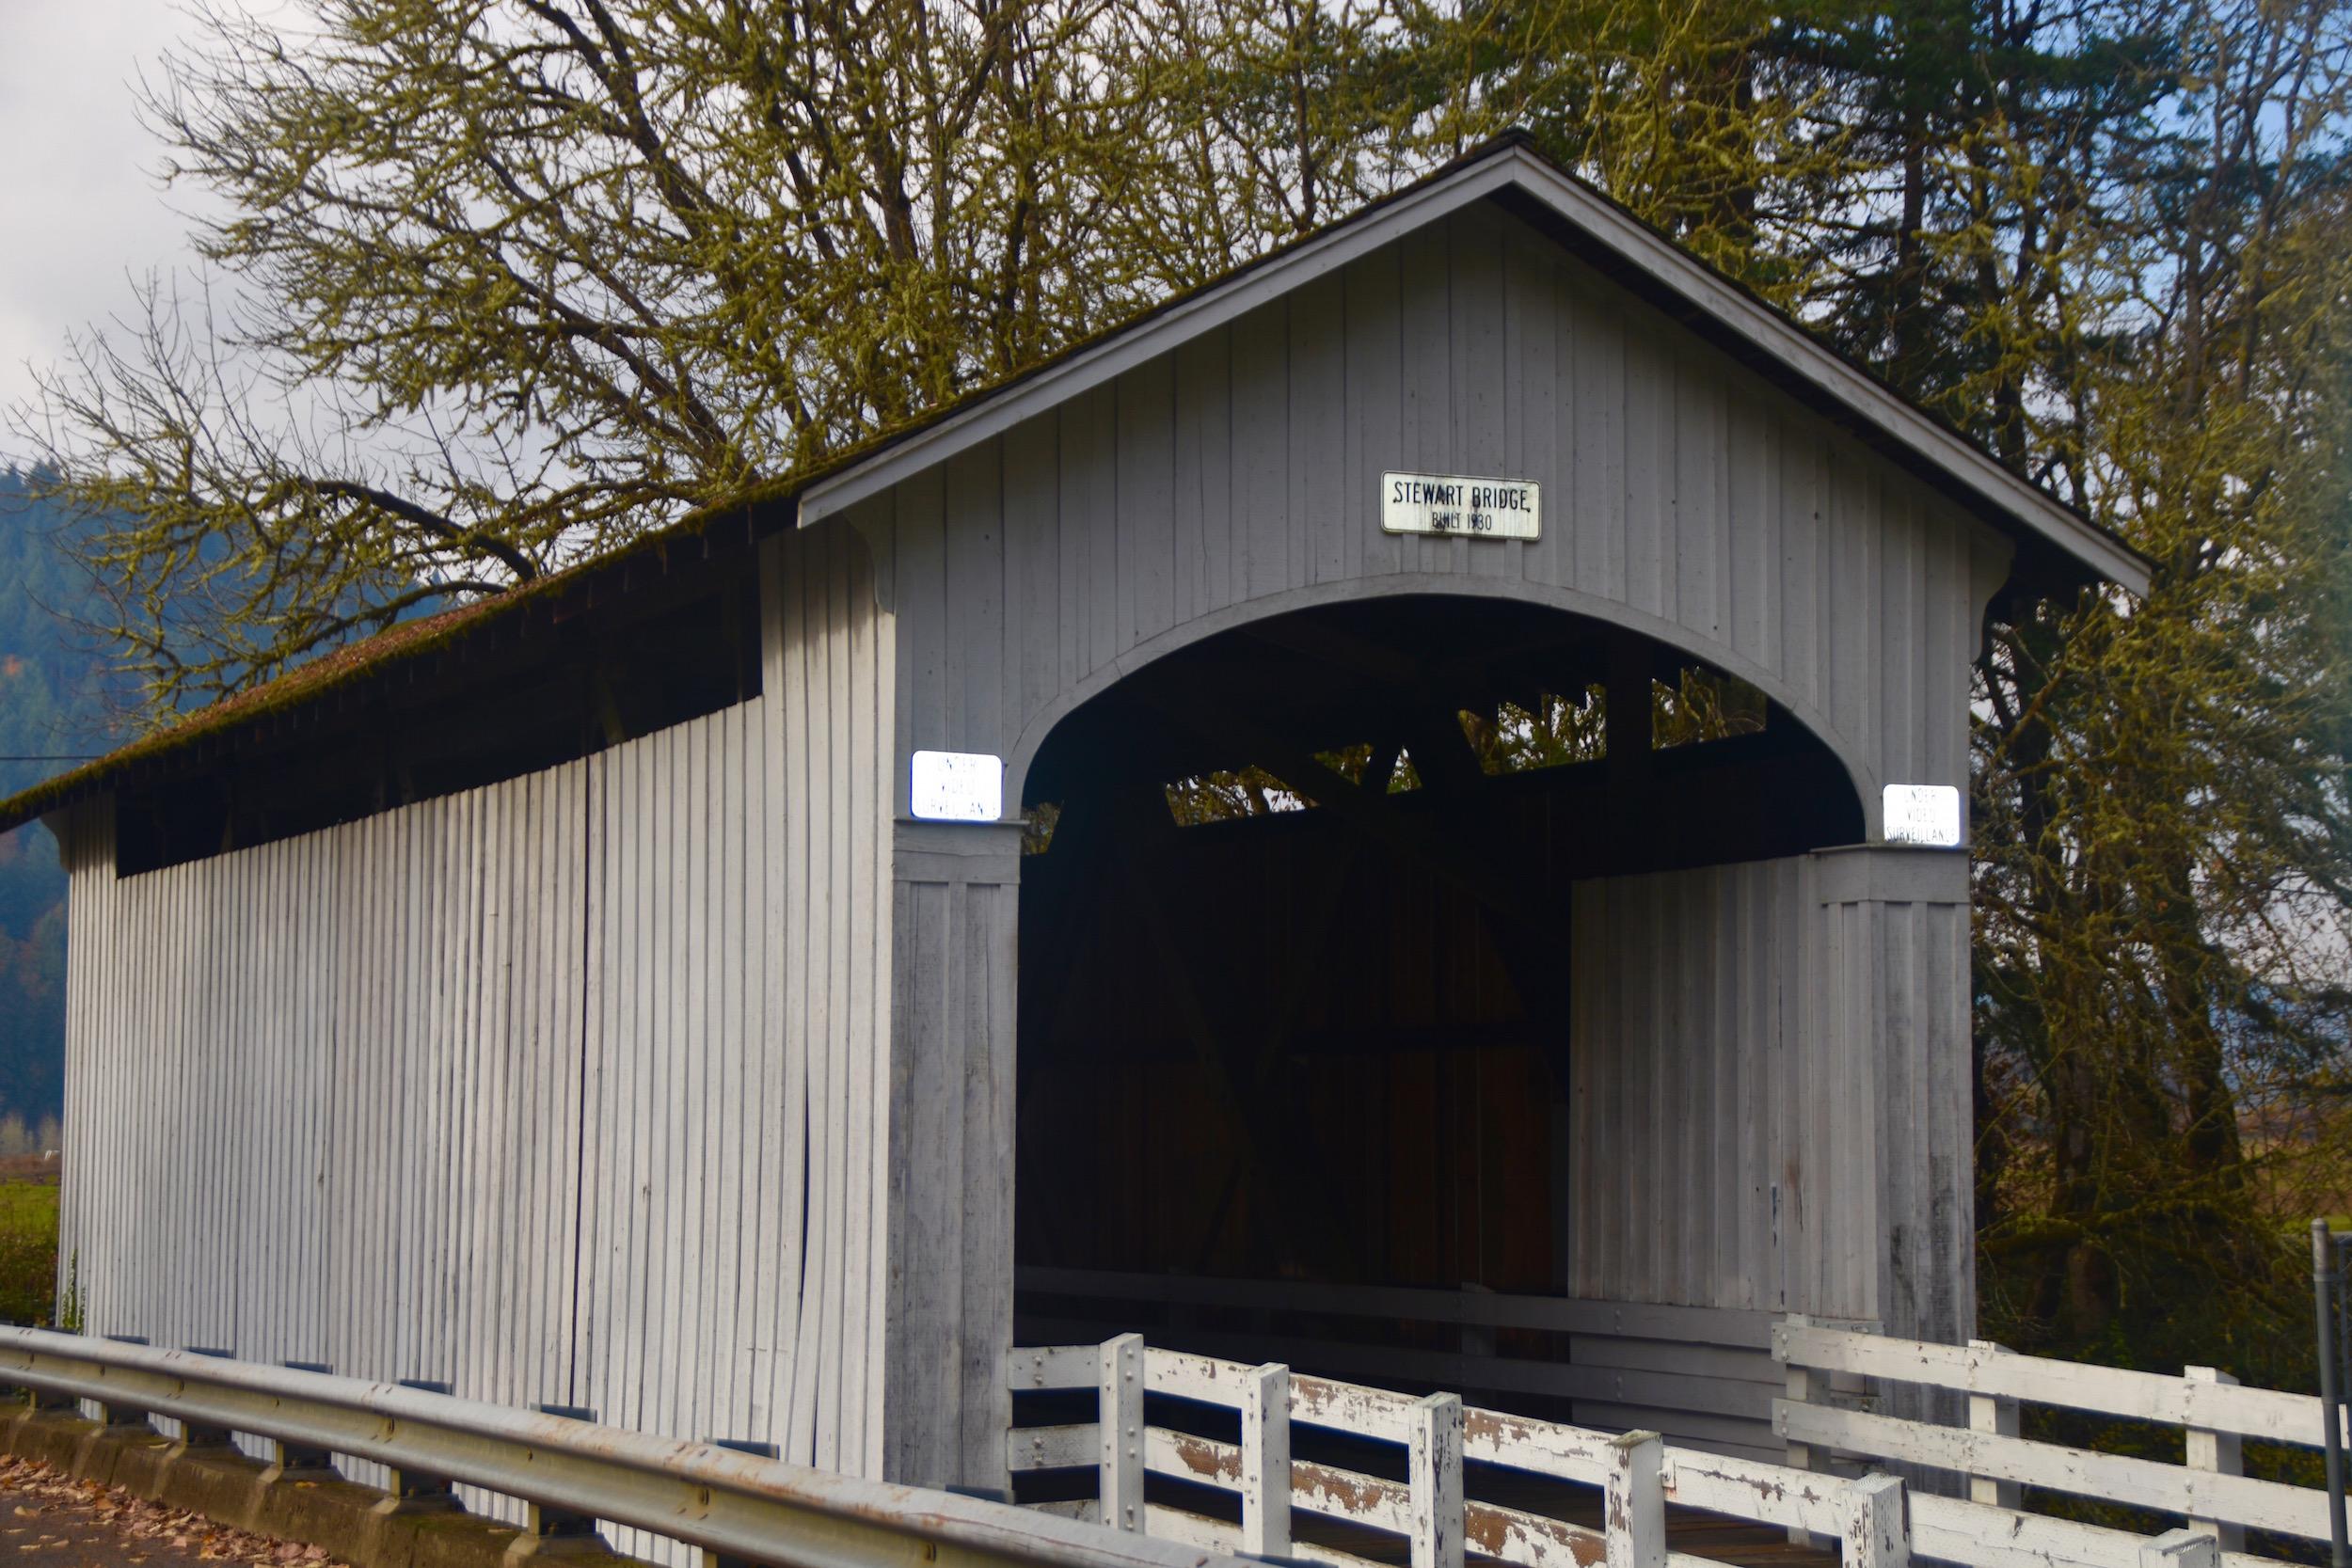 Stewart Bridge, Lane County